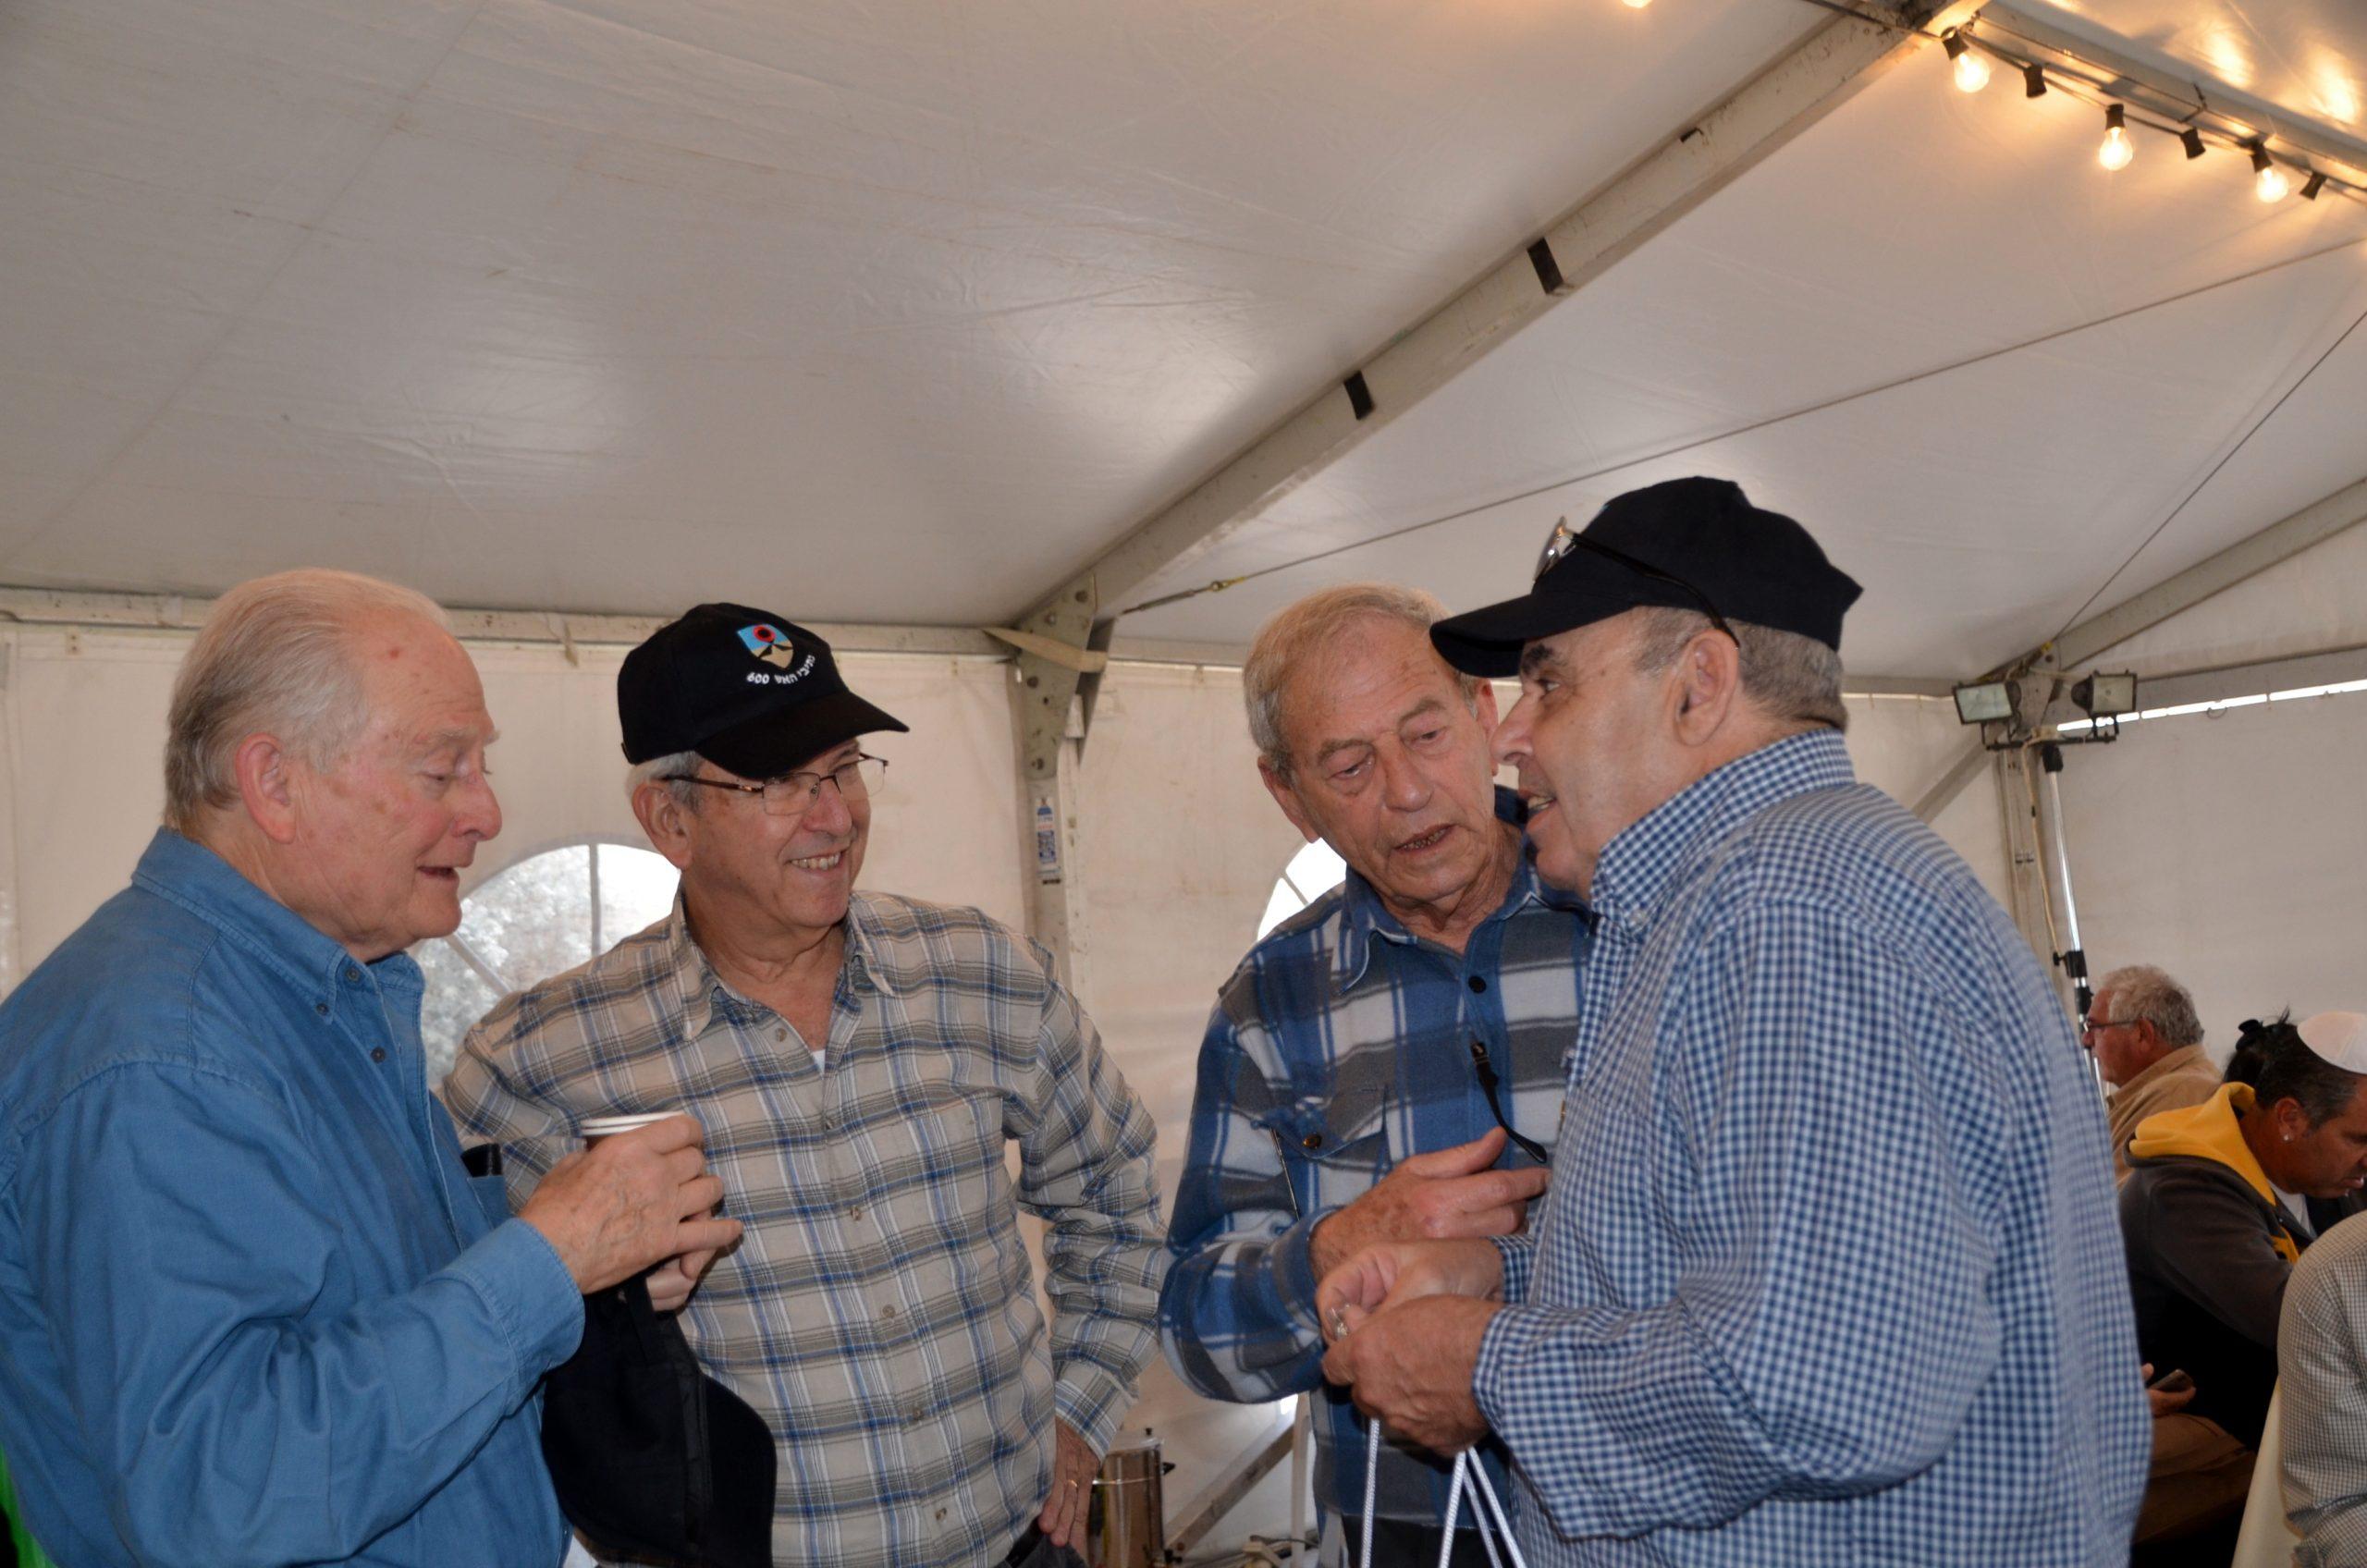 בביקור ניחומים על פטירתו של אריק שרון שהיה מפקד אוגדה 143 במלחמת יום הכיפורים. משמאל: האלוף (במיל') ג'קי אבן סגנו של אריק, אהוד גרוס, אמציה (פצ'י) חן ודני קריאף